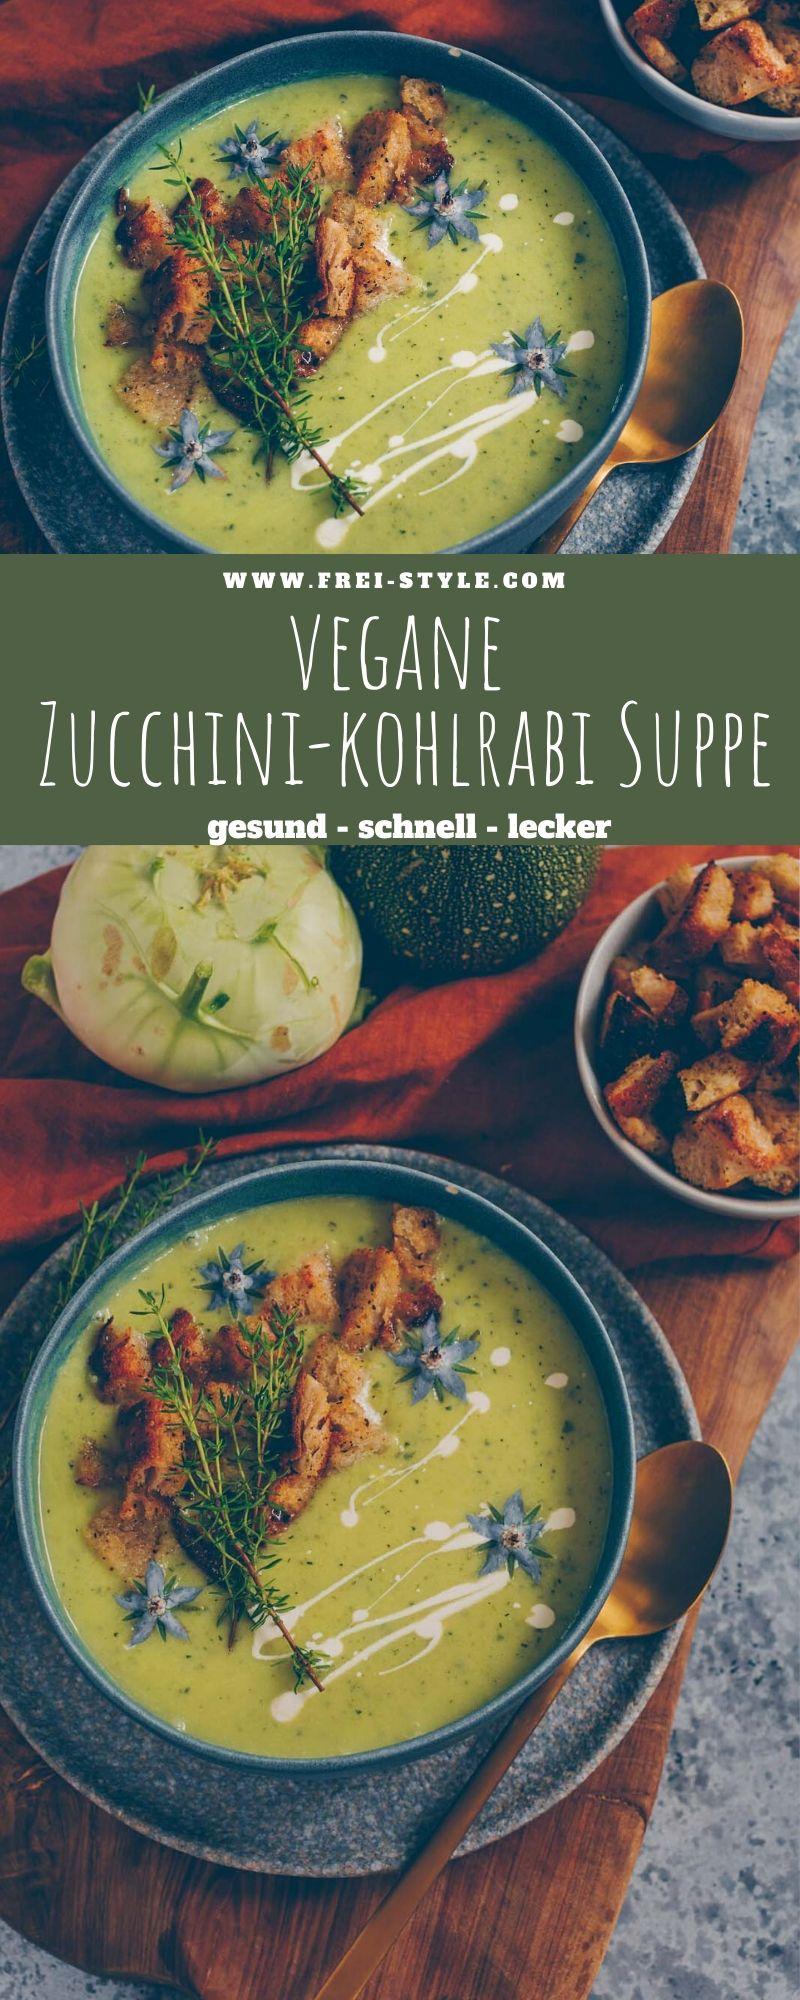 Zucchini-Kohlrabi Suppe